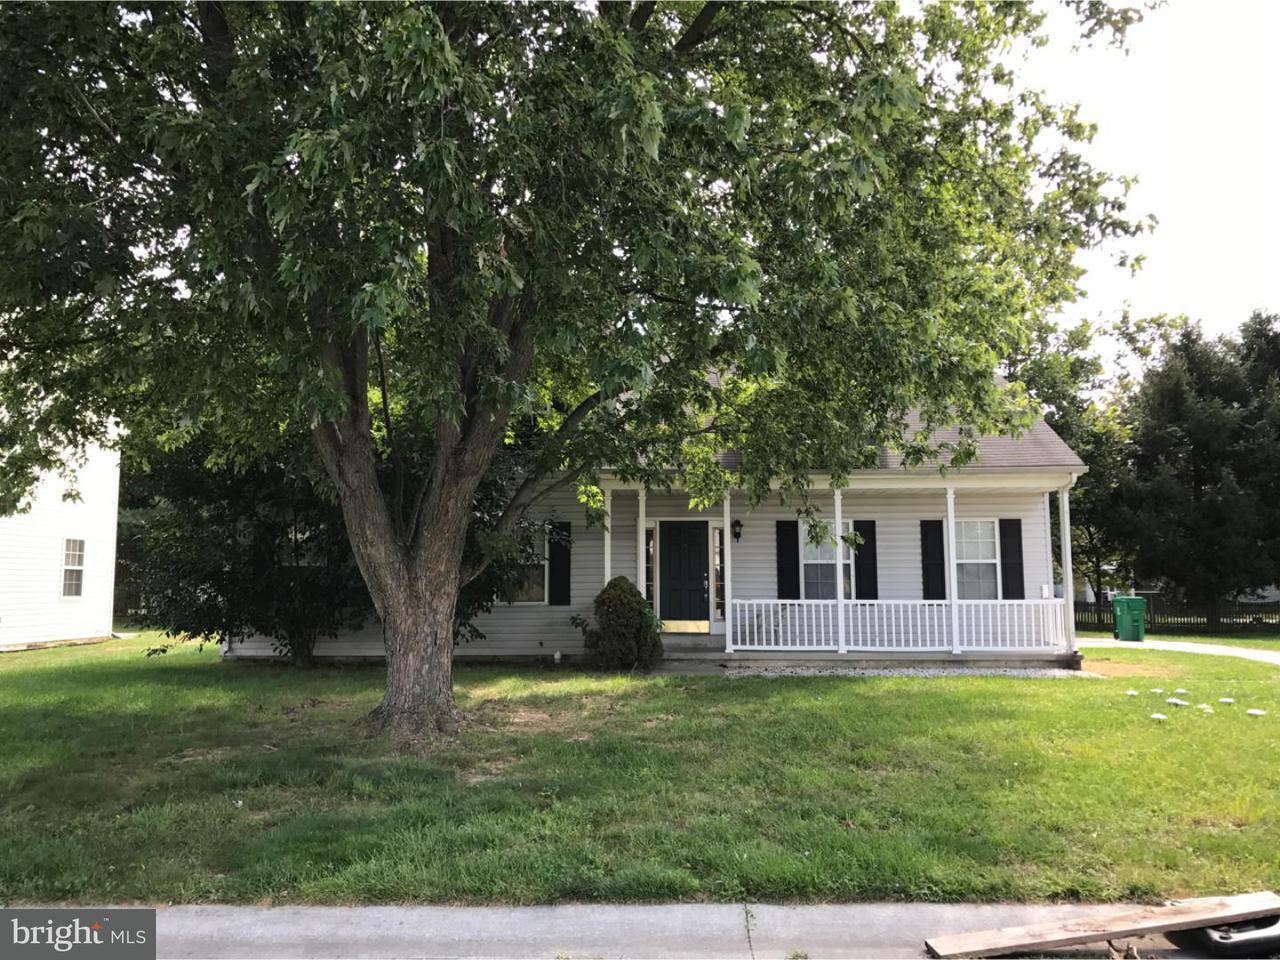 Casa Unifamiliar por un Alquiler en 177 TRAYBERN BLVD Camden Wyoming, Delaware 19934 Estados Unidos